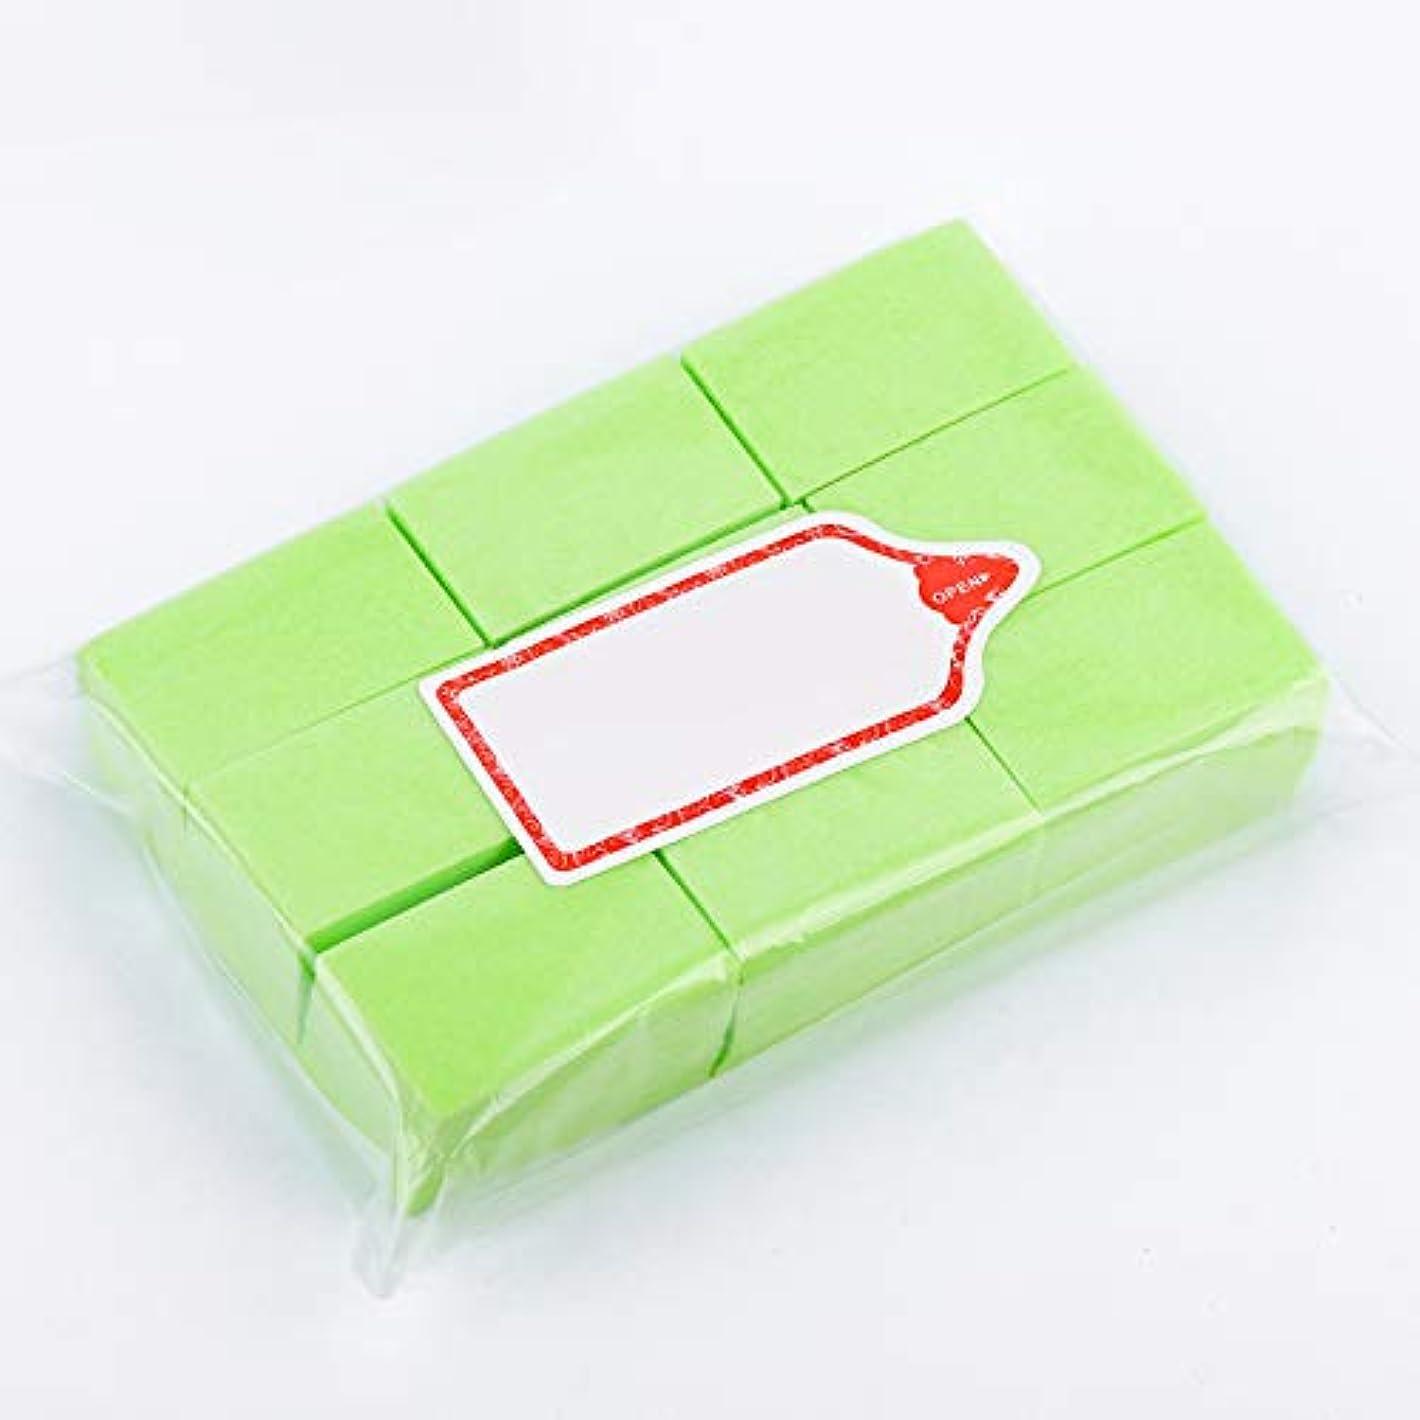 突進慣れているテンポLWBTOSEE ネイルワイプ コットンパッド 綿繊維 クリーニングパッド リムーバーワイプ 柔らかい 安全無毒 600枚入 全4色 (緑)